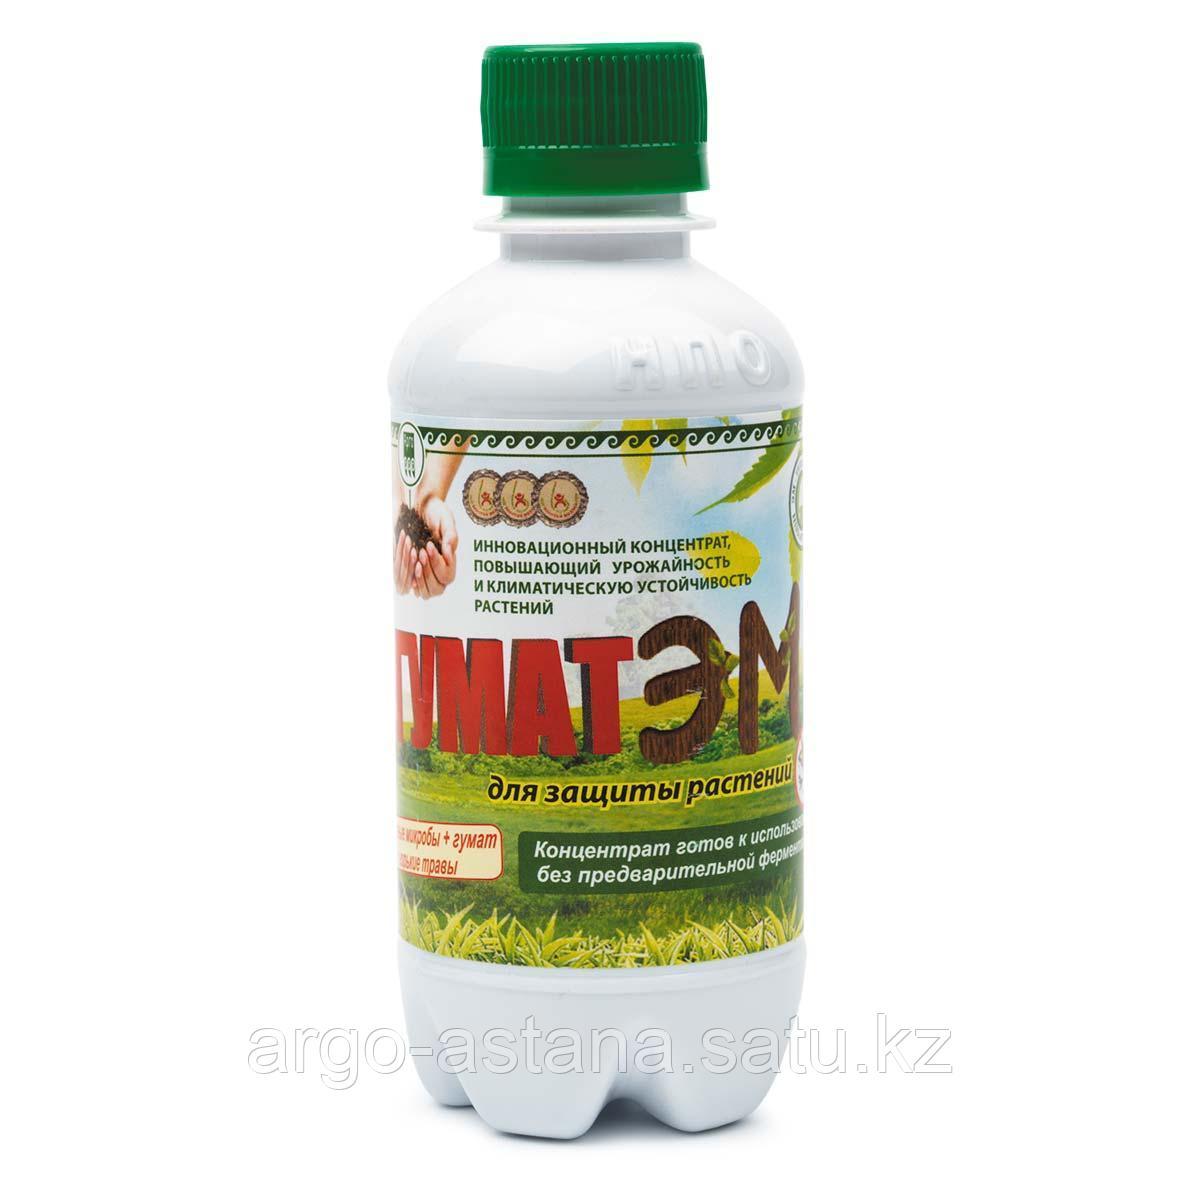 Удобрение минеральное «ГУМАТЭМ» для защиты растений, 250 мл - фото 1